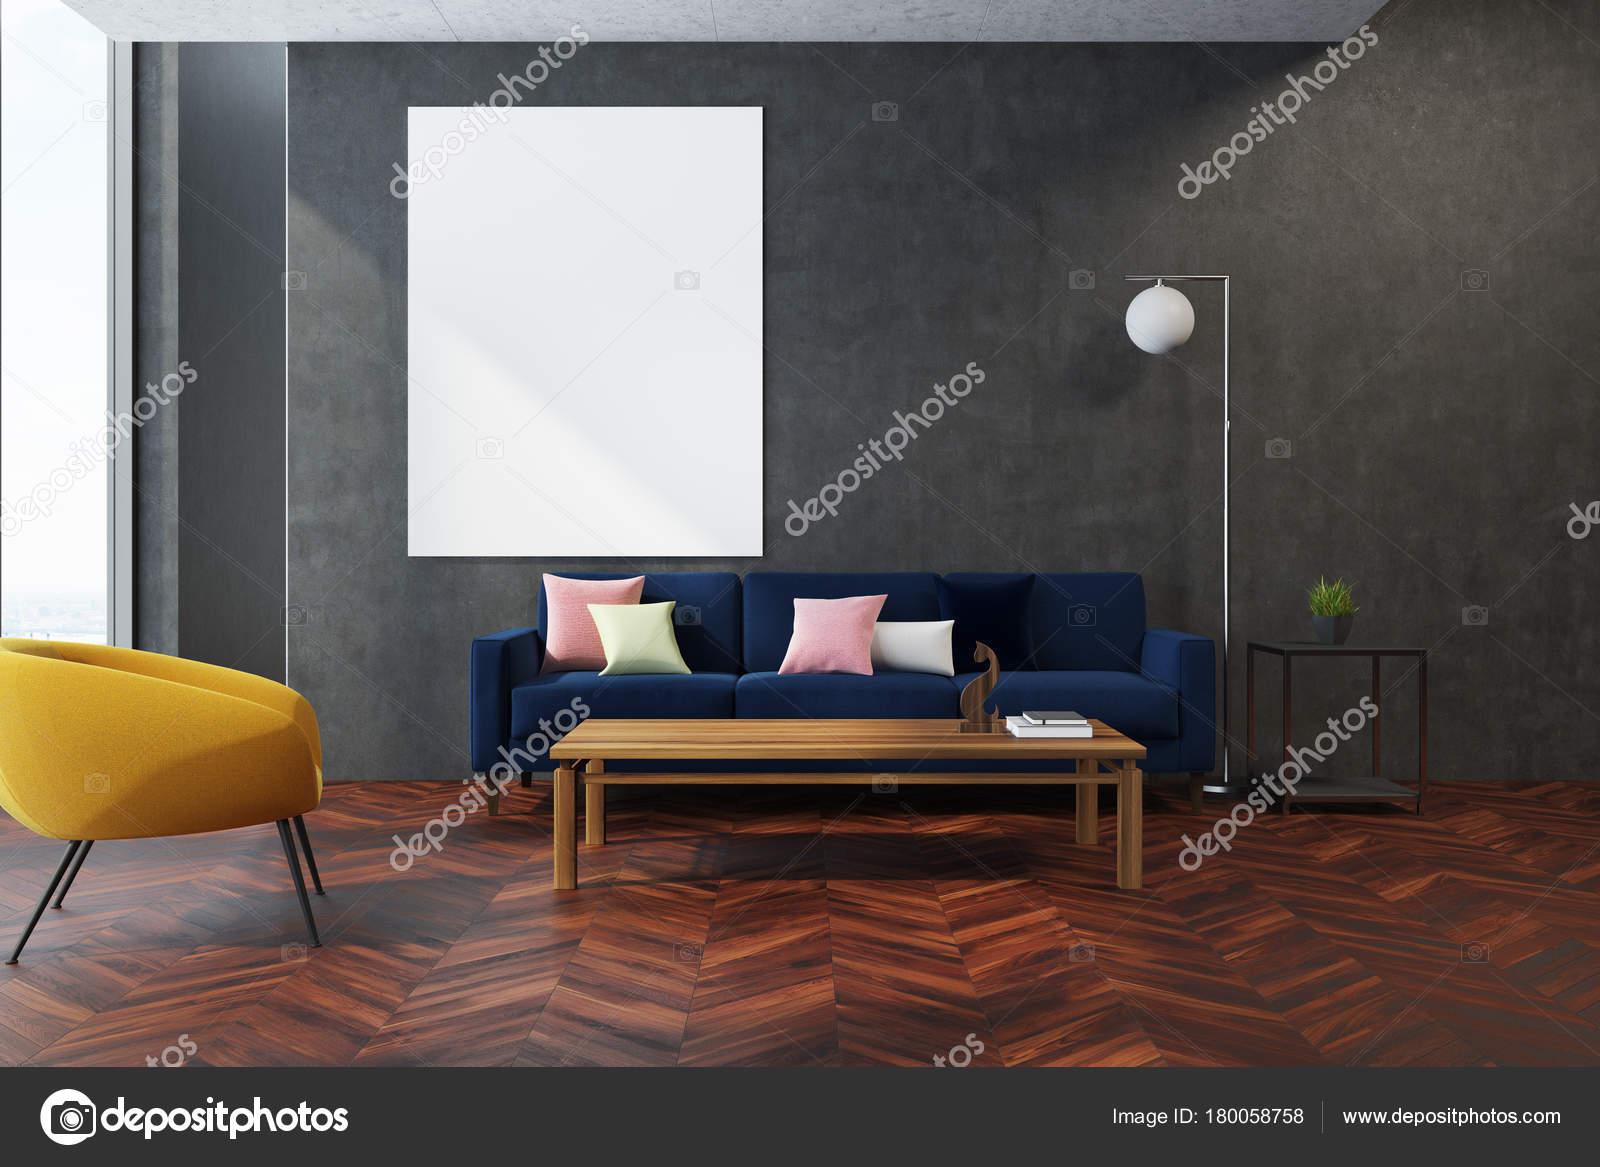 Gelb grau Wohnzimmer Sessel — Stockfoto © denisismagilov #180058758